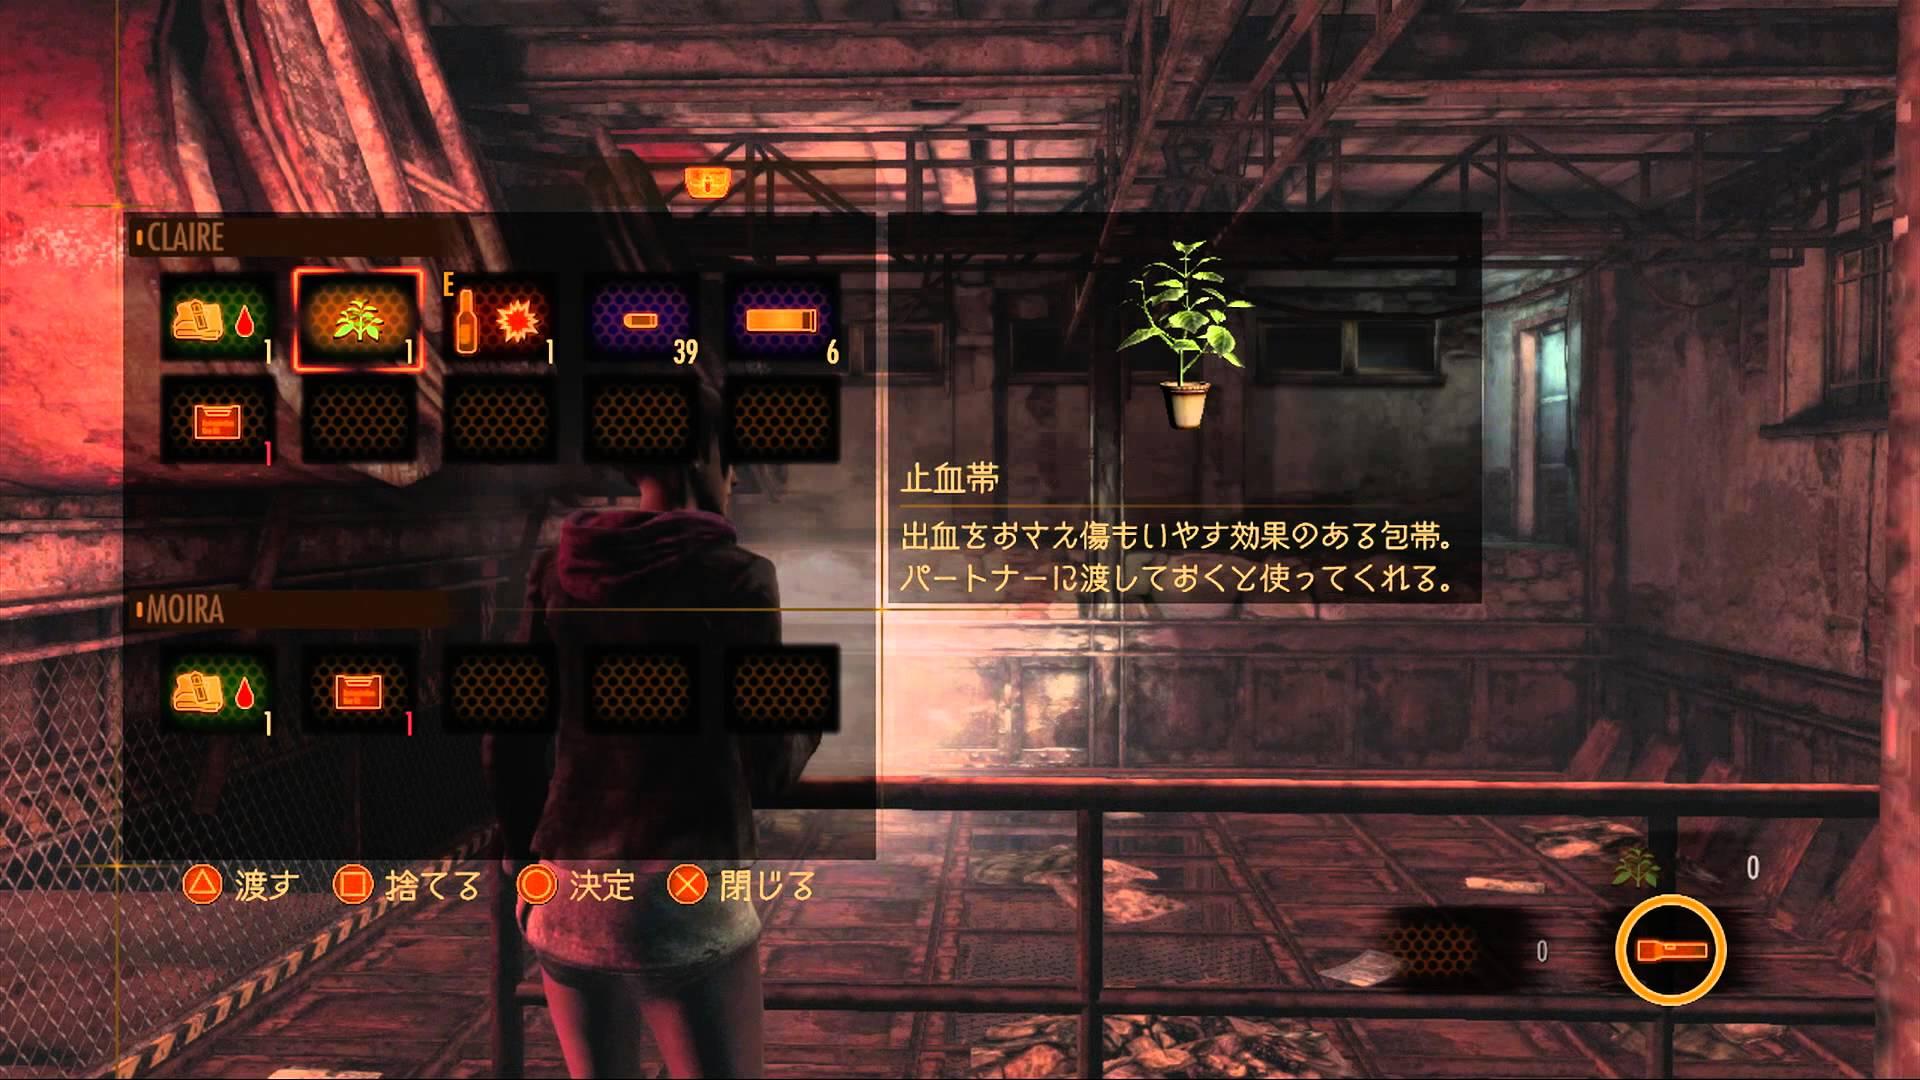 『バイオハザード リベレーションズ2』画面、基本動作、攻撃について解説する1080p/60fps動画が公開